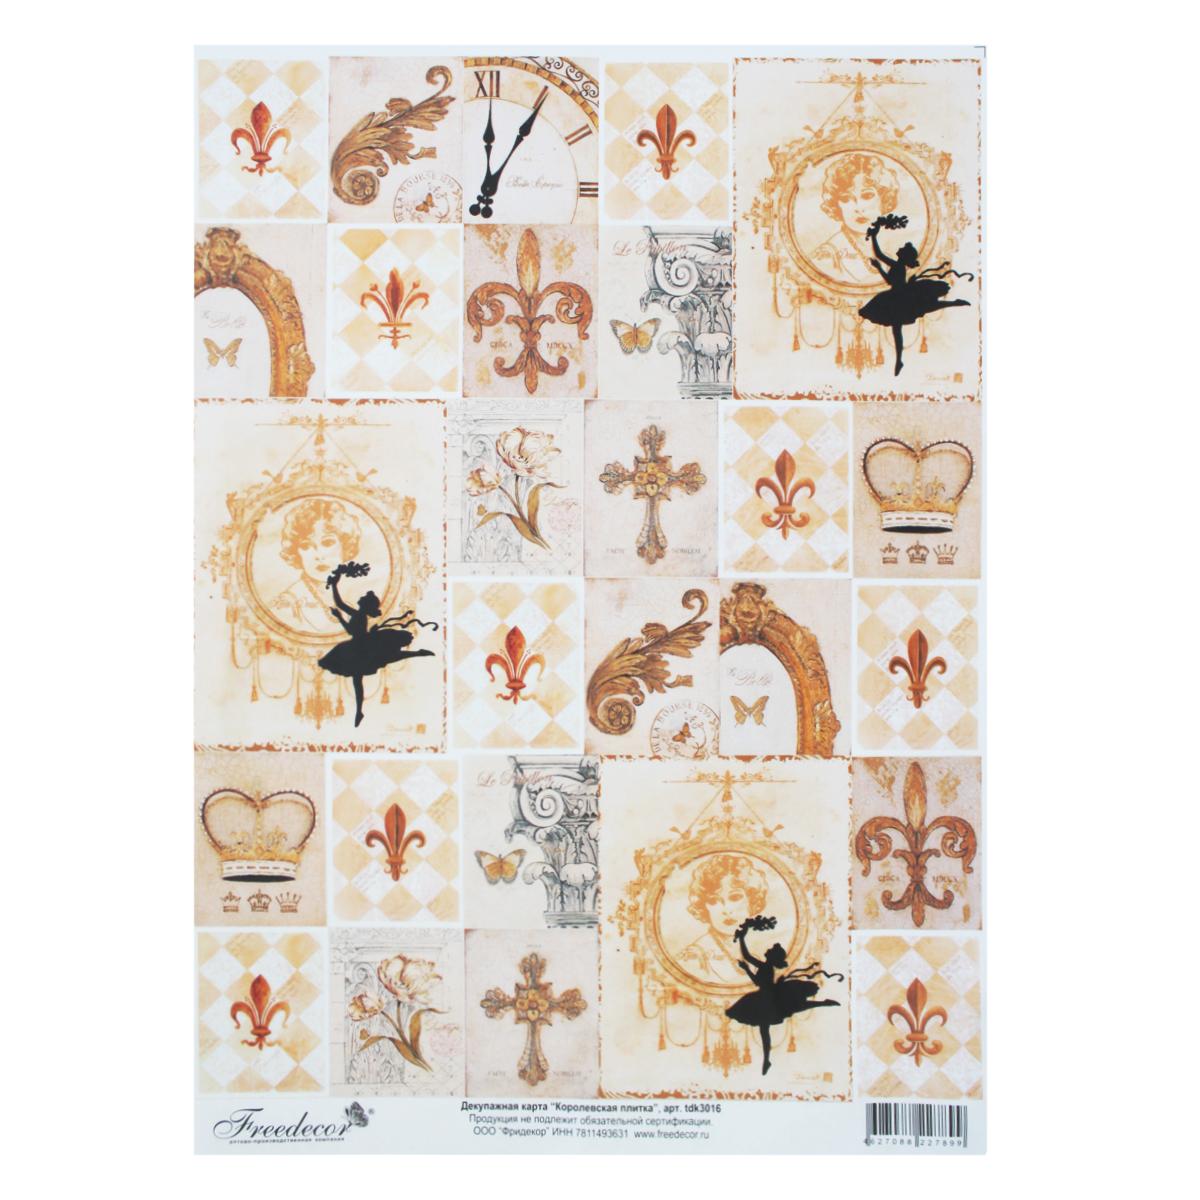 Декупажная карта Freedecor Королевская плитка, А4, 40 гр./м.кв. Dk 3016697136_3016КоролевскаяплиткаДекупажные карты Фридекор отличаются оригинальными, стильными дизайнами и прекрасным качеством. Печать декупажных карт происходит на бумаге плотностью 80 гр/м2.